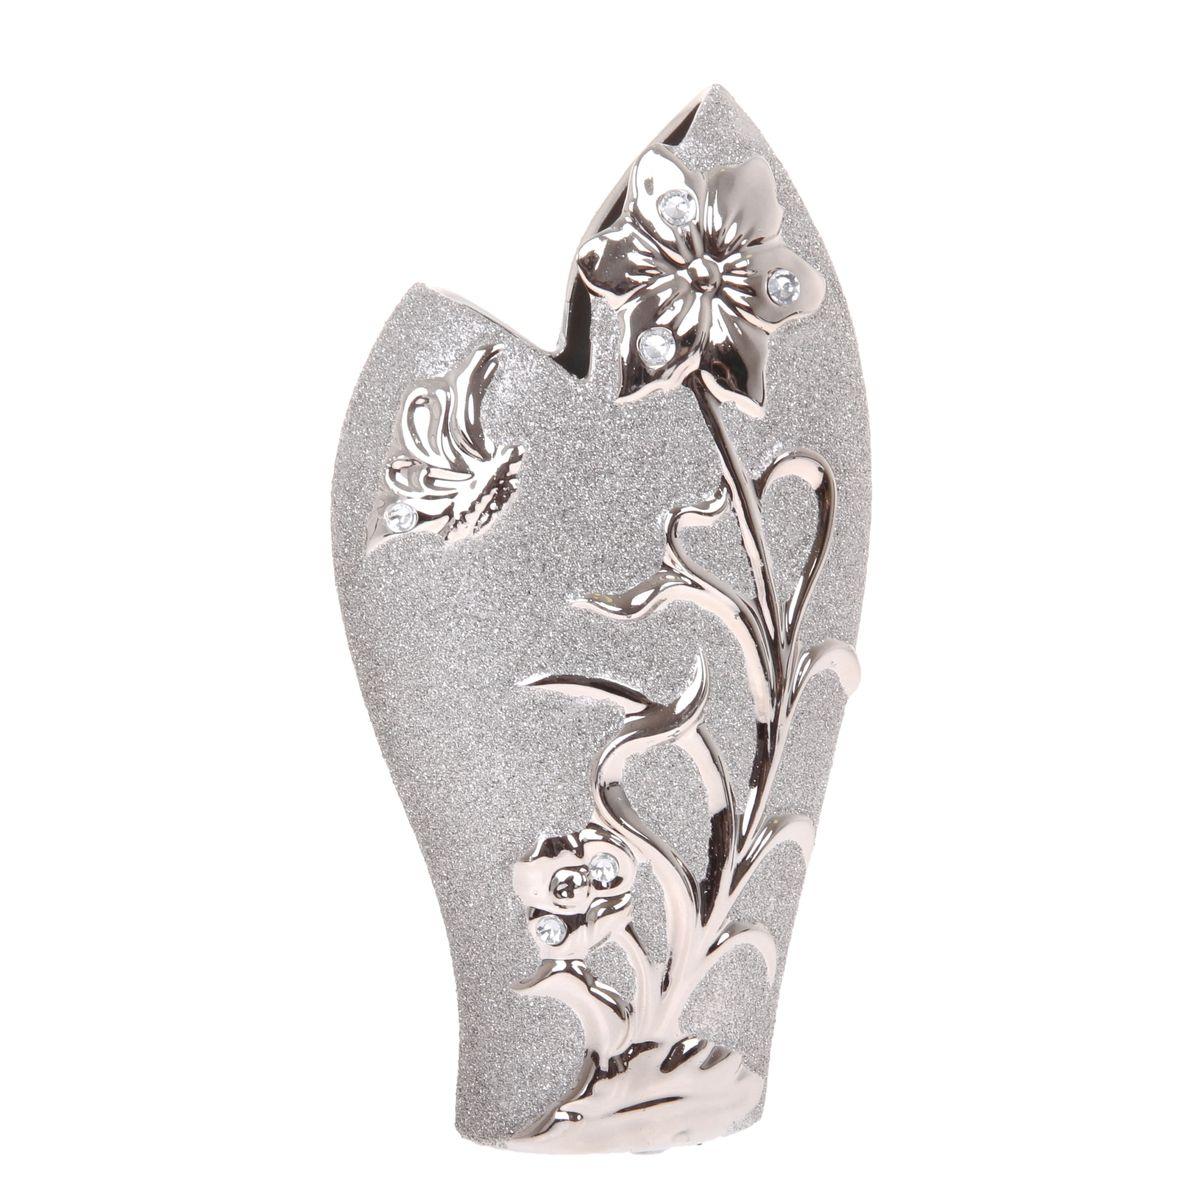 Ваза Sima-land Летнее настроение, высота 31 см865944Ваза Sima-land Летнее настроение, изготовленная из высококачественной керамики, декорирована блестками и стразами. Интересная форма и необычное оформление сделают эту вазу замечательным украшением интерьера. Она предназначена как для живых, так и для искусственных цветов. Любое помещение выглядит незавершенным без правильно расположенных предметов интерьера. Они помогают создать уют, расставить акценты, подчеркнуть достоинства или скрыть недостатки.